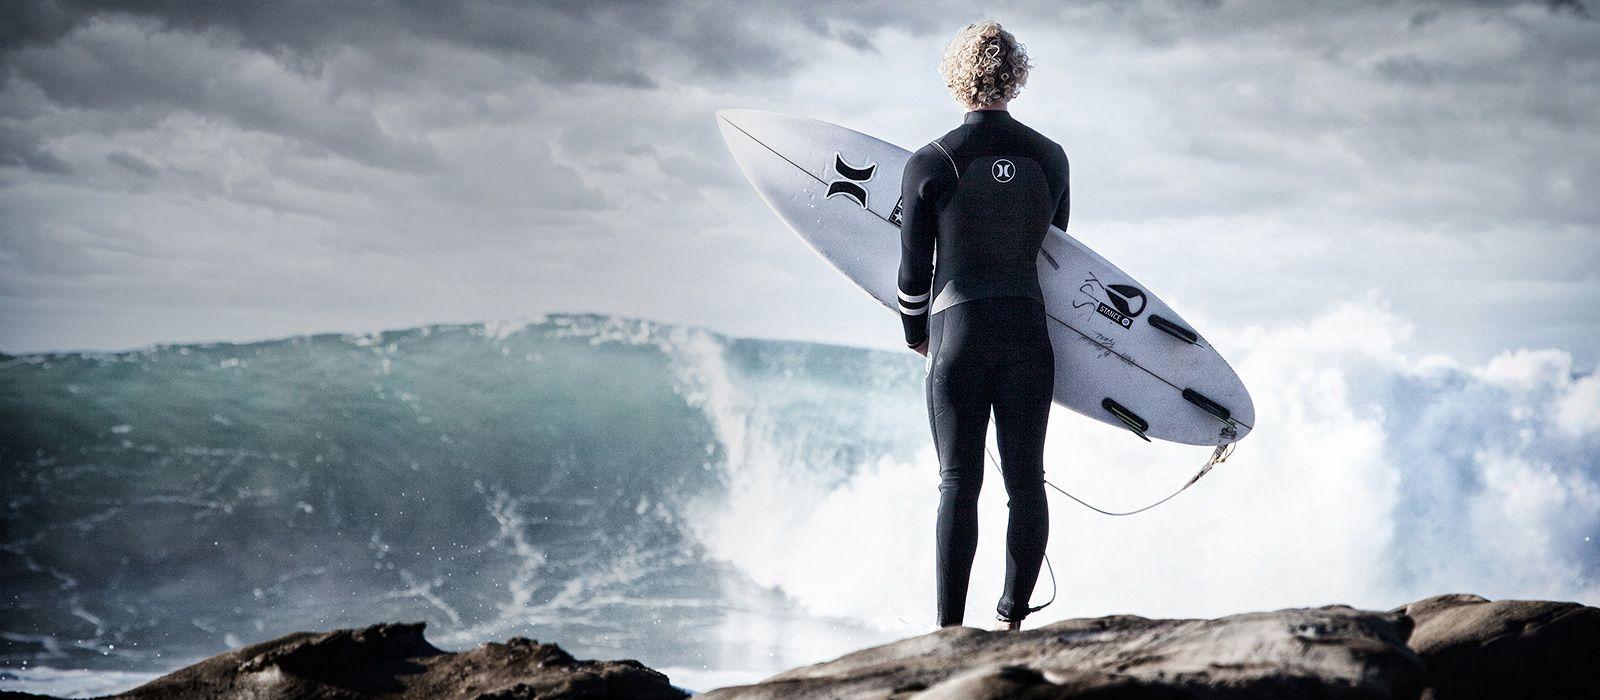 wetsuits: Hurley Men's Phantom Wetsuits